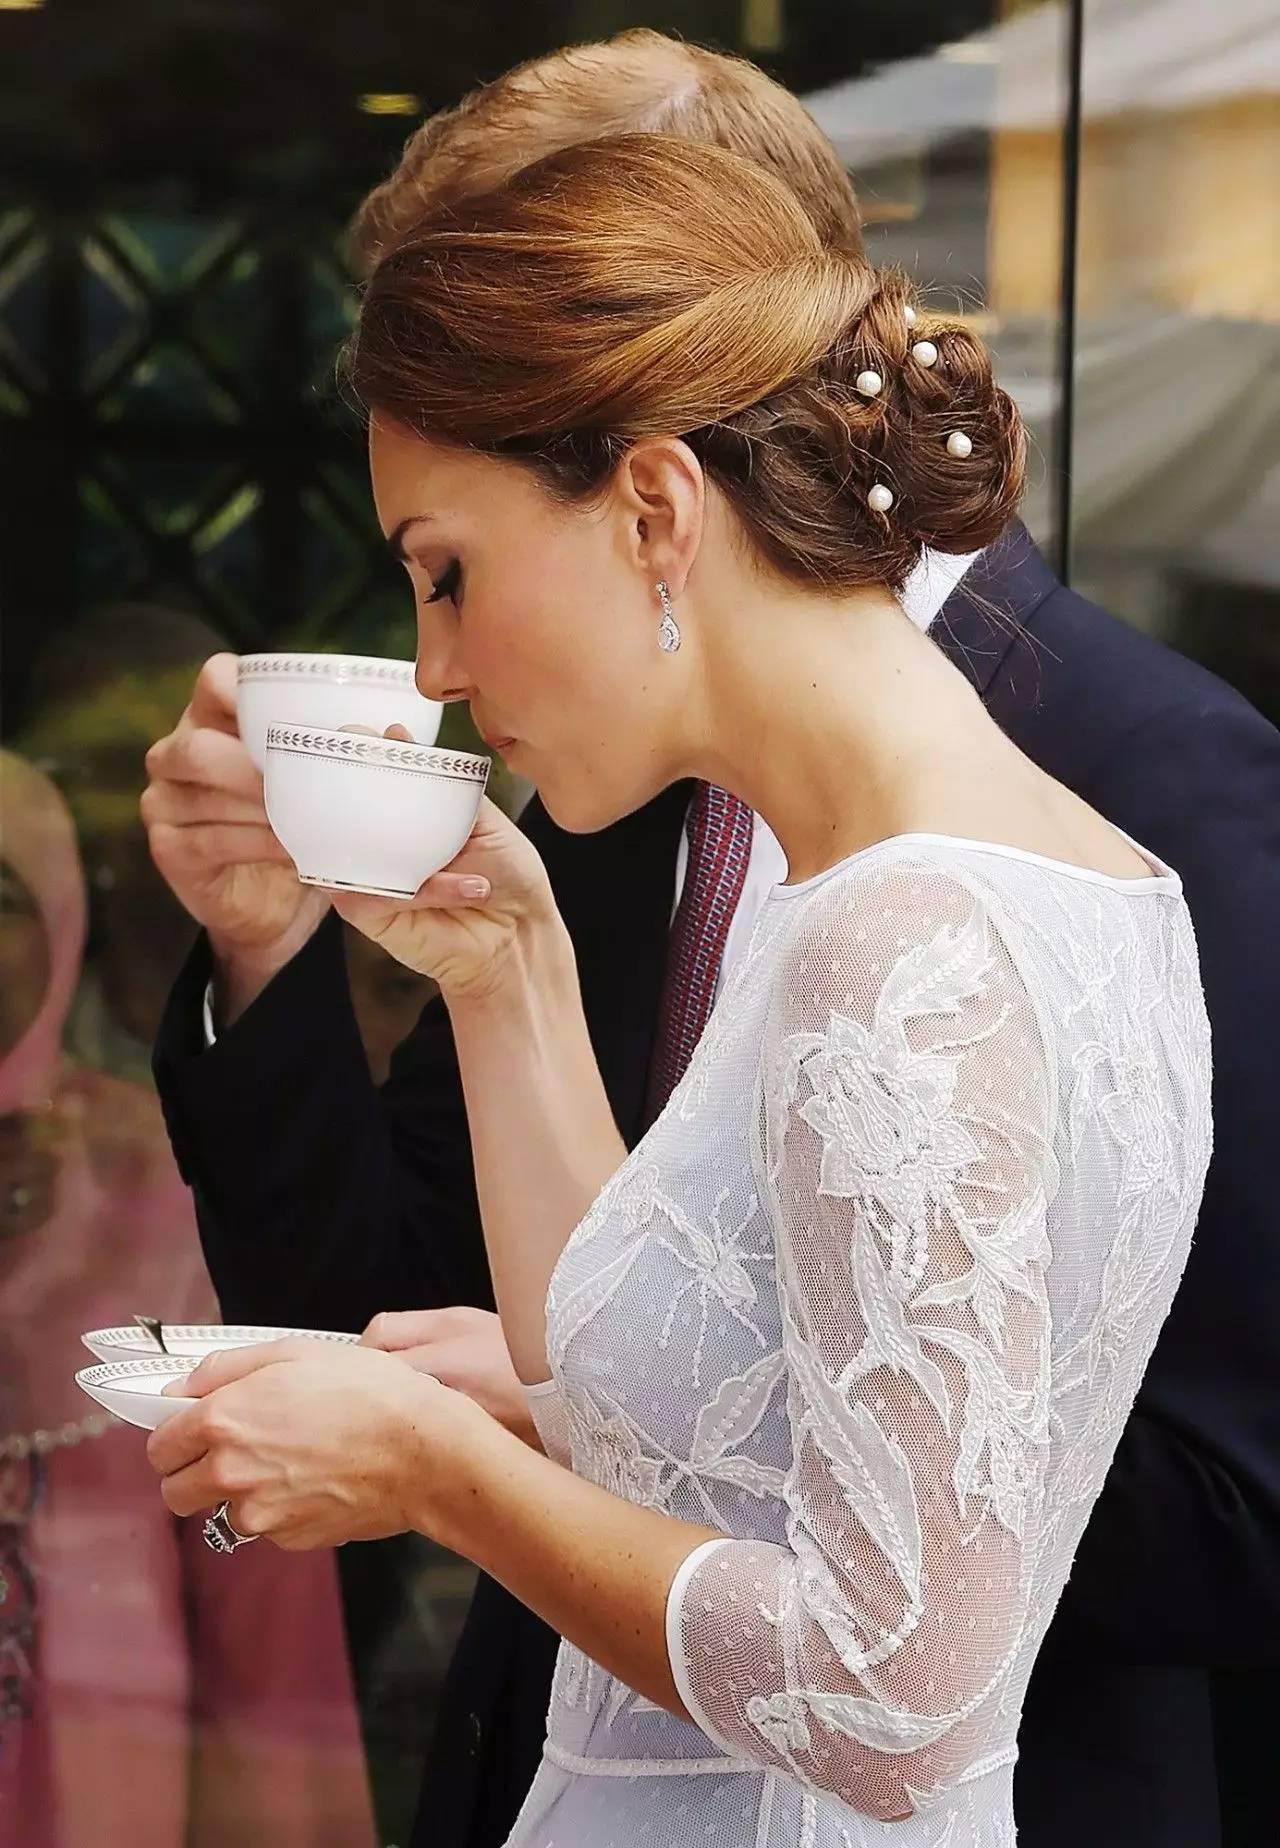 飞去伦敦喝下午茶太远?不如家门口坐邮轮享受海上英伦优雅【赞那度旅行】